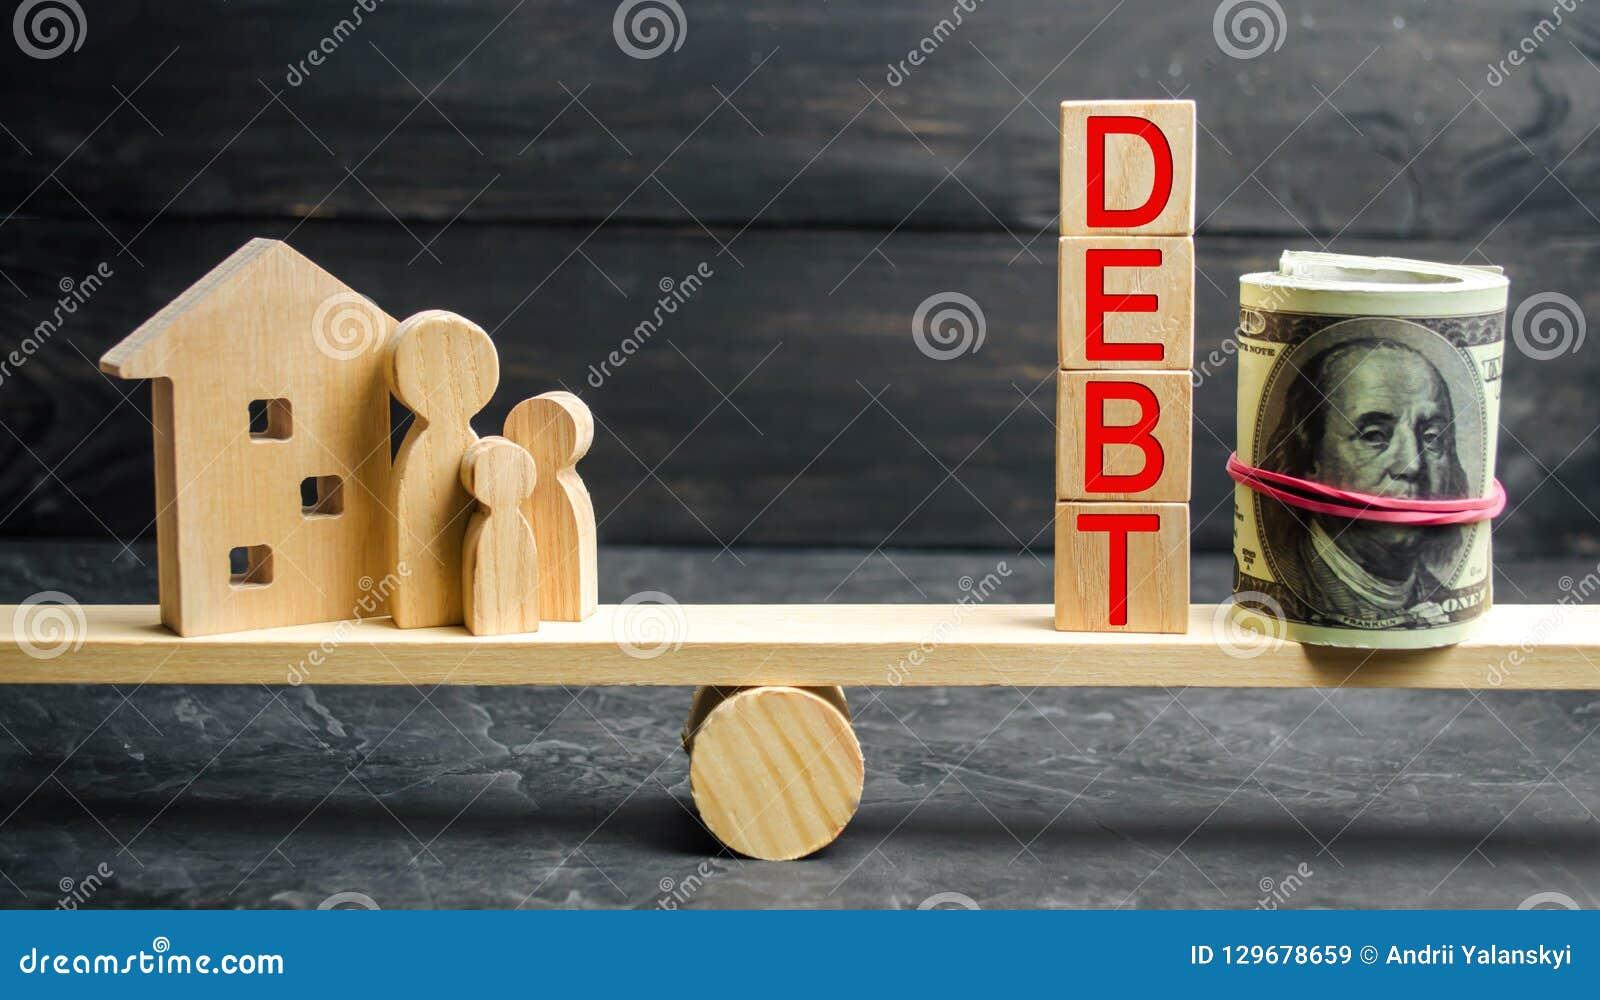 Frasco de vidro com moedas e a inscrição 'débito ', família e casa de madeira Bens imobiliários, economias de casa, conceito do m